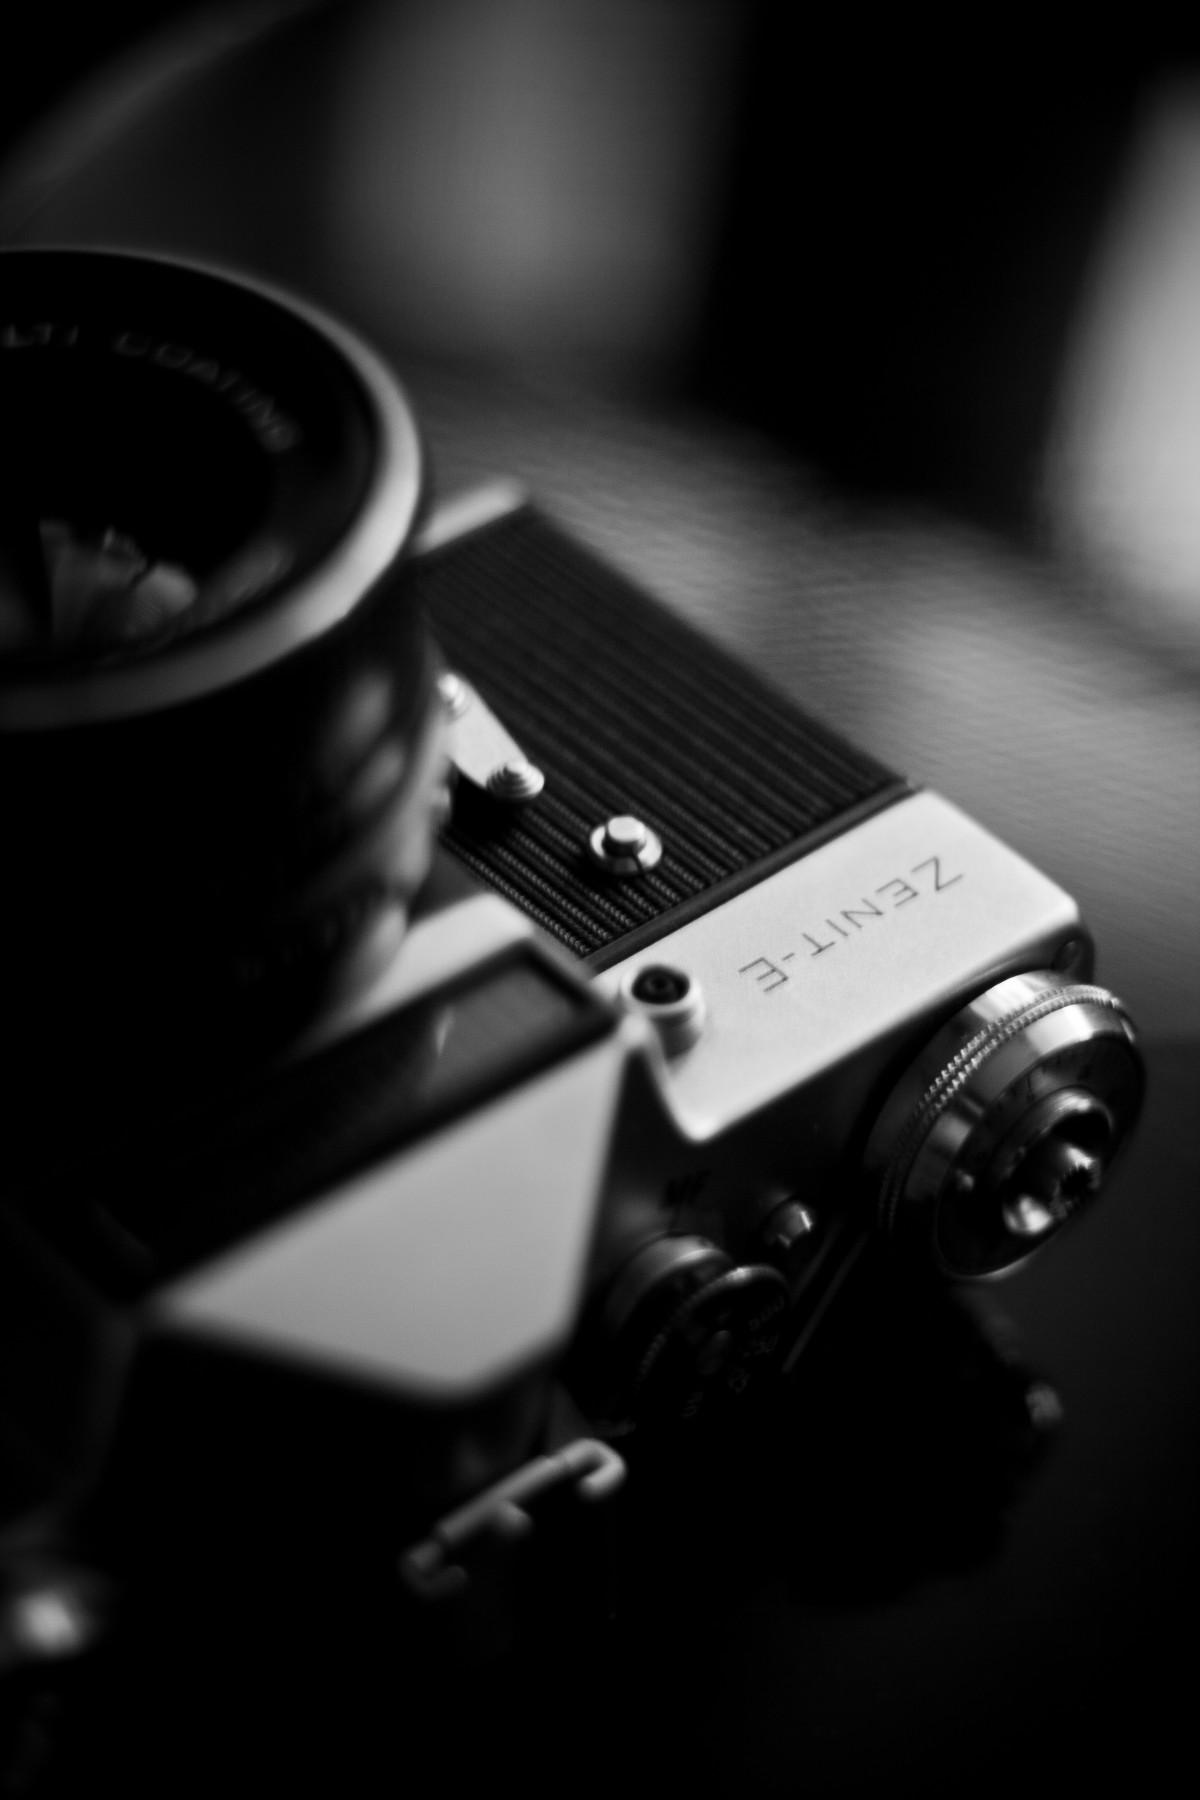 appareil photo numérique nikon